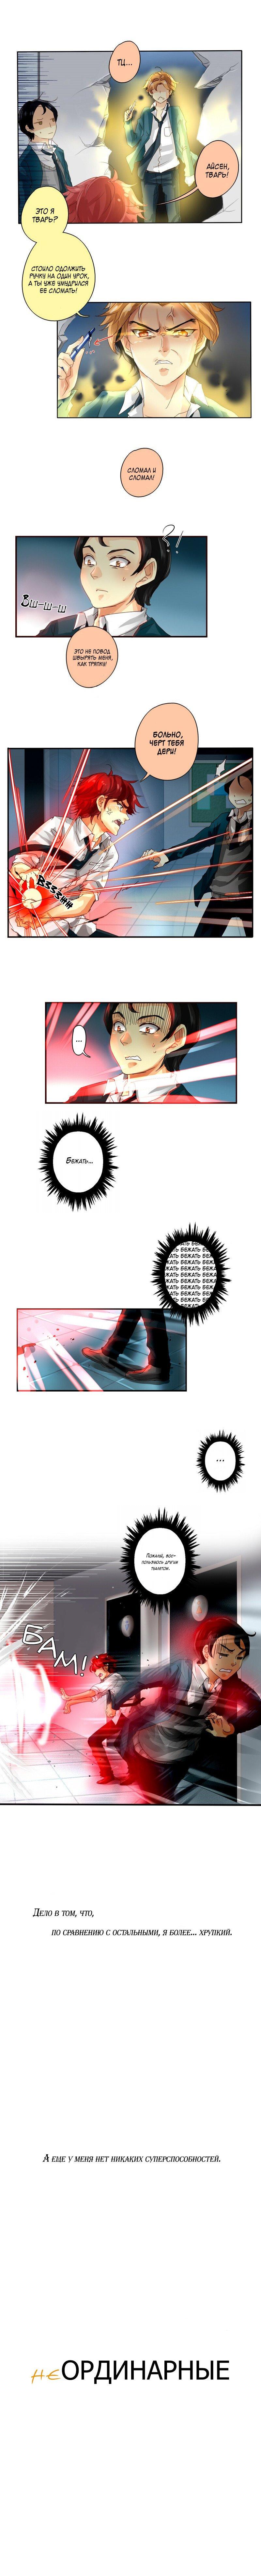 Манга неОРДИНАРНЫЕ / unORDINARY  - Том 1 Глава 1 Страница 4